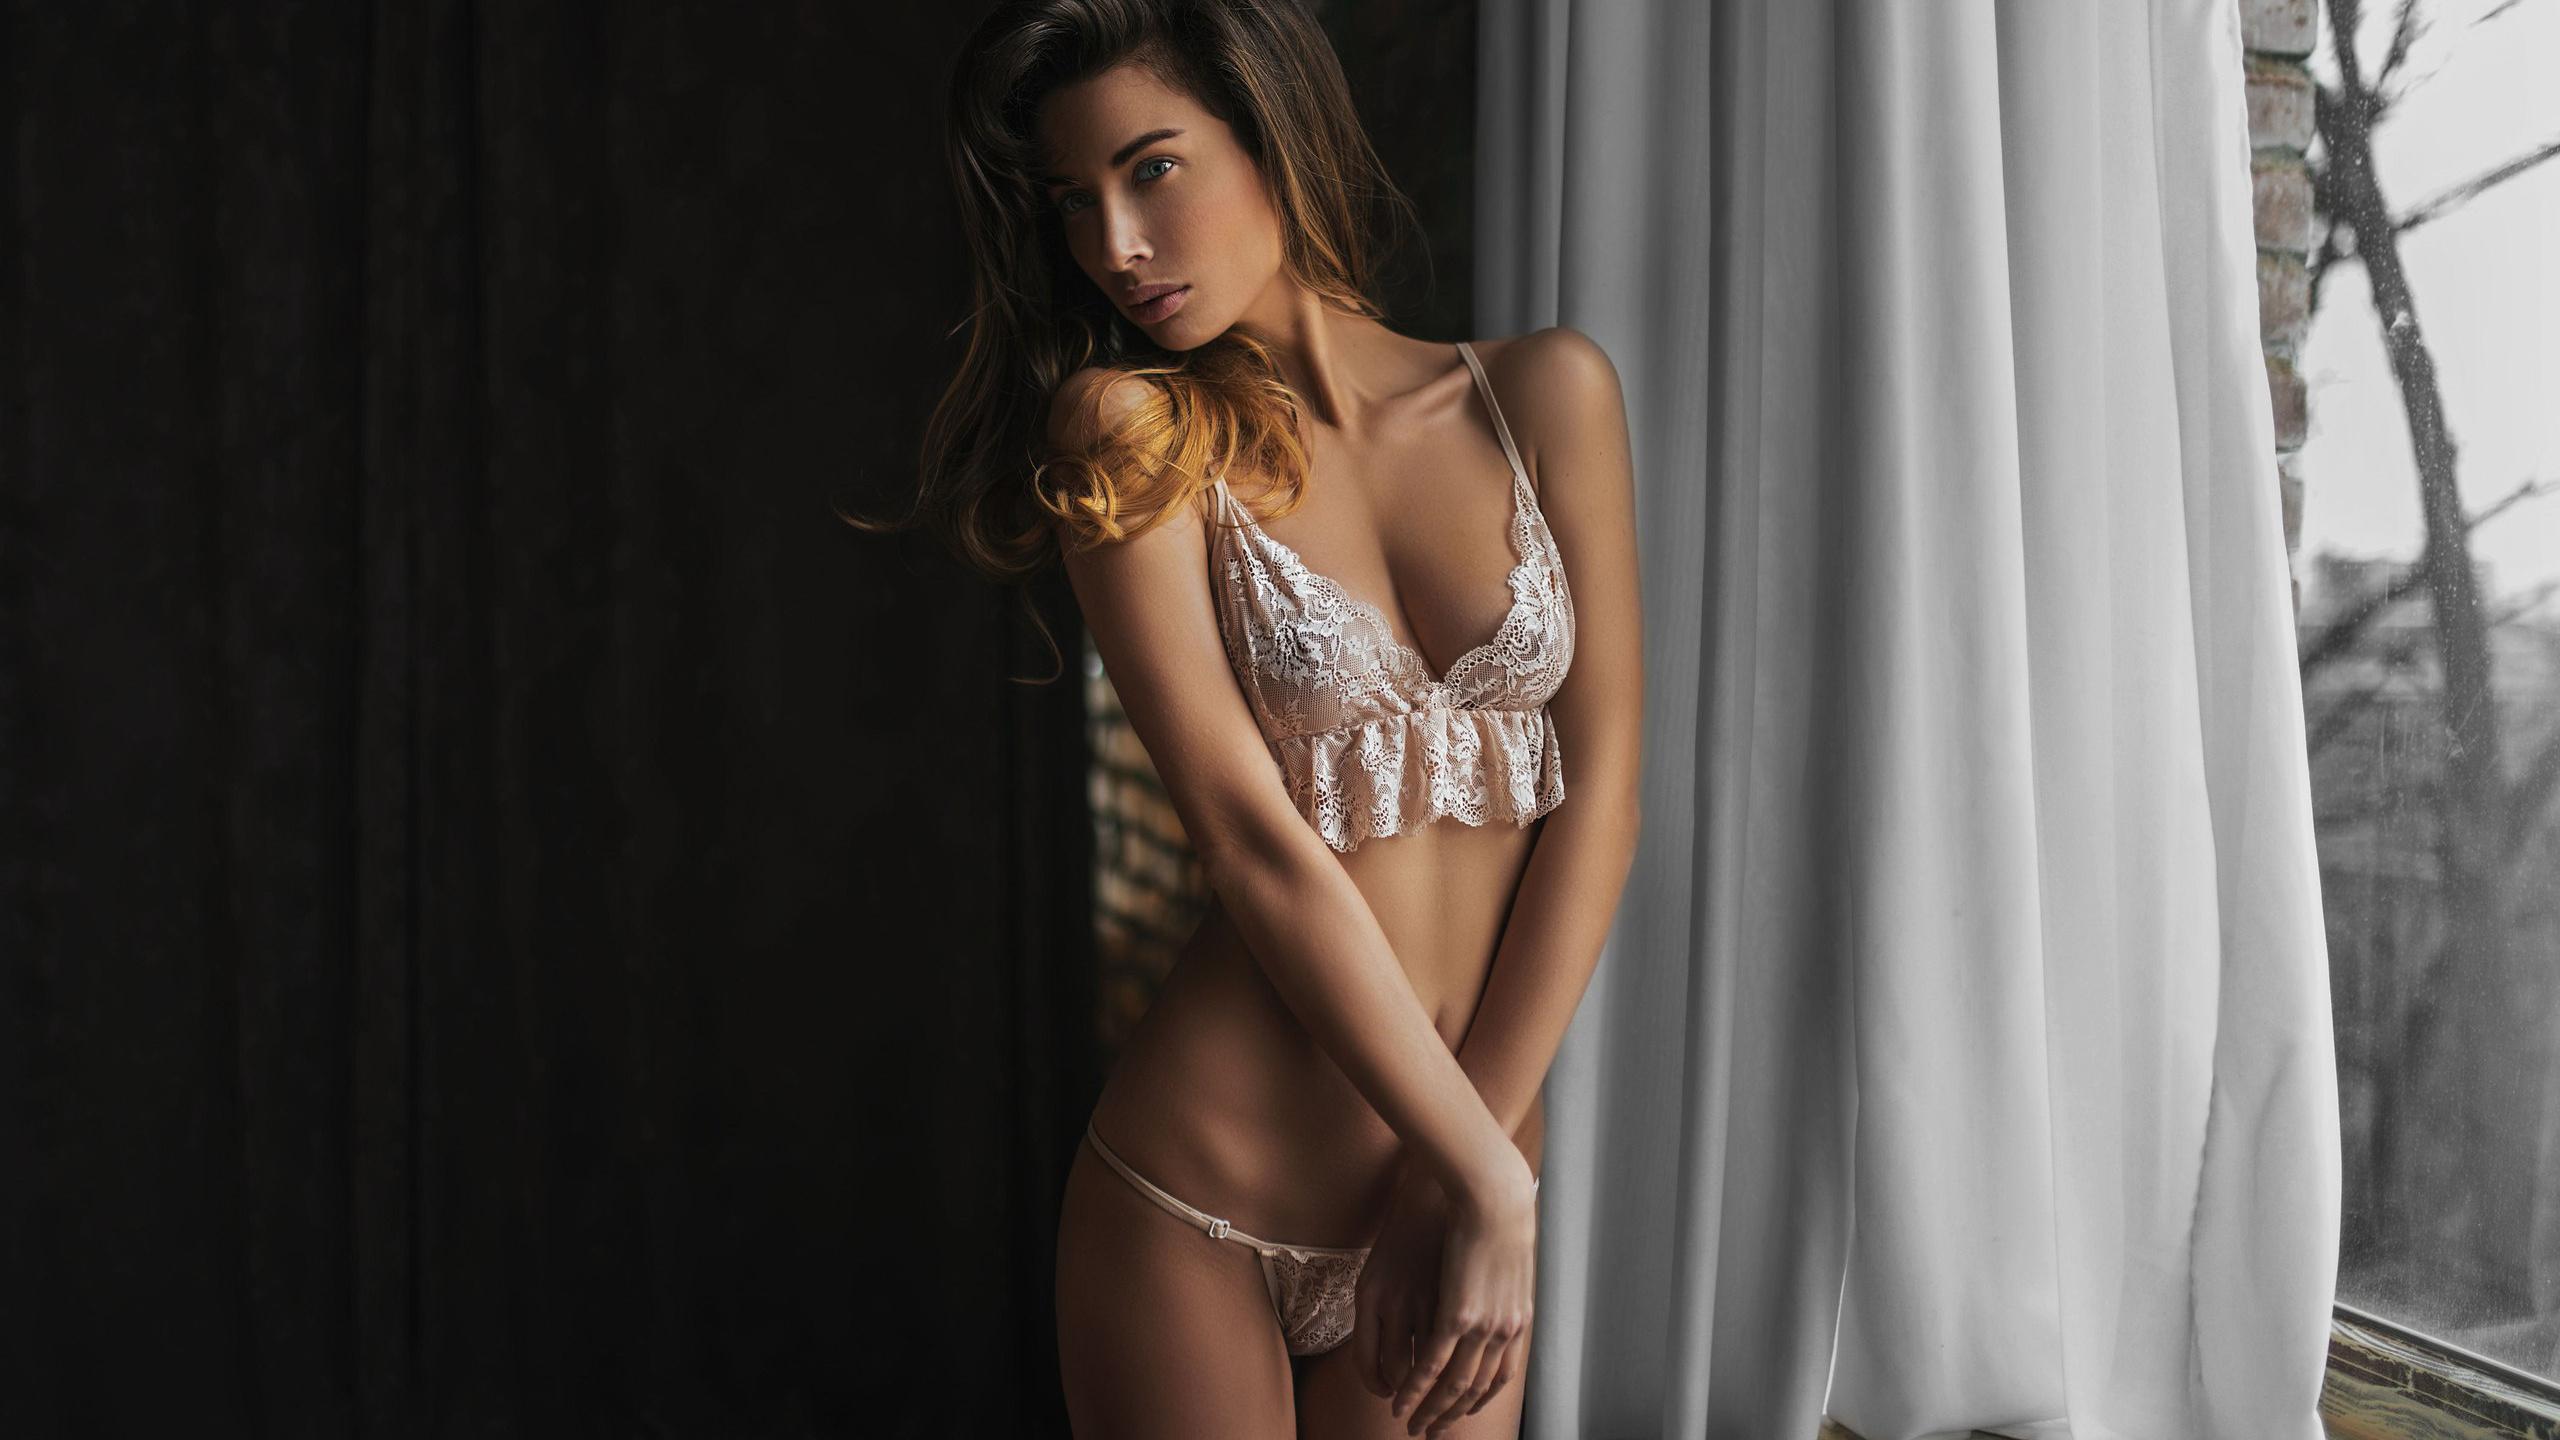 Про девушек в нижнем белье просвечиваем, Порно В красивом белье -видео. Смотреть порно 24 фотография